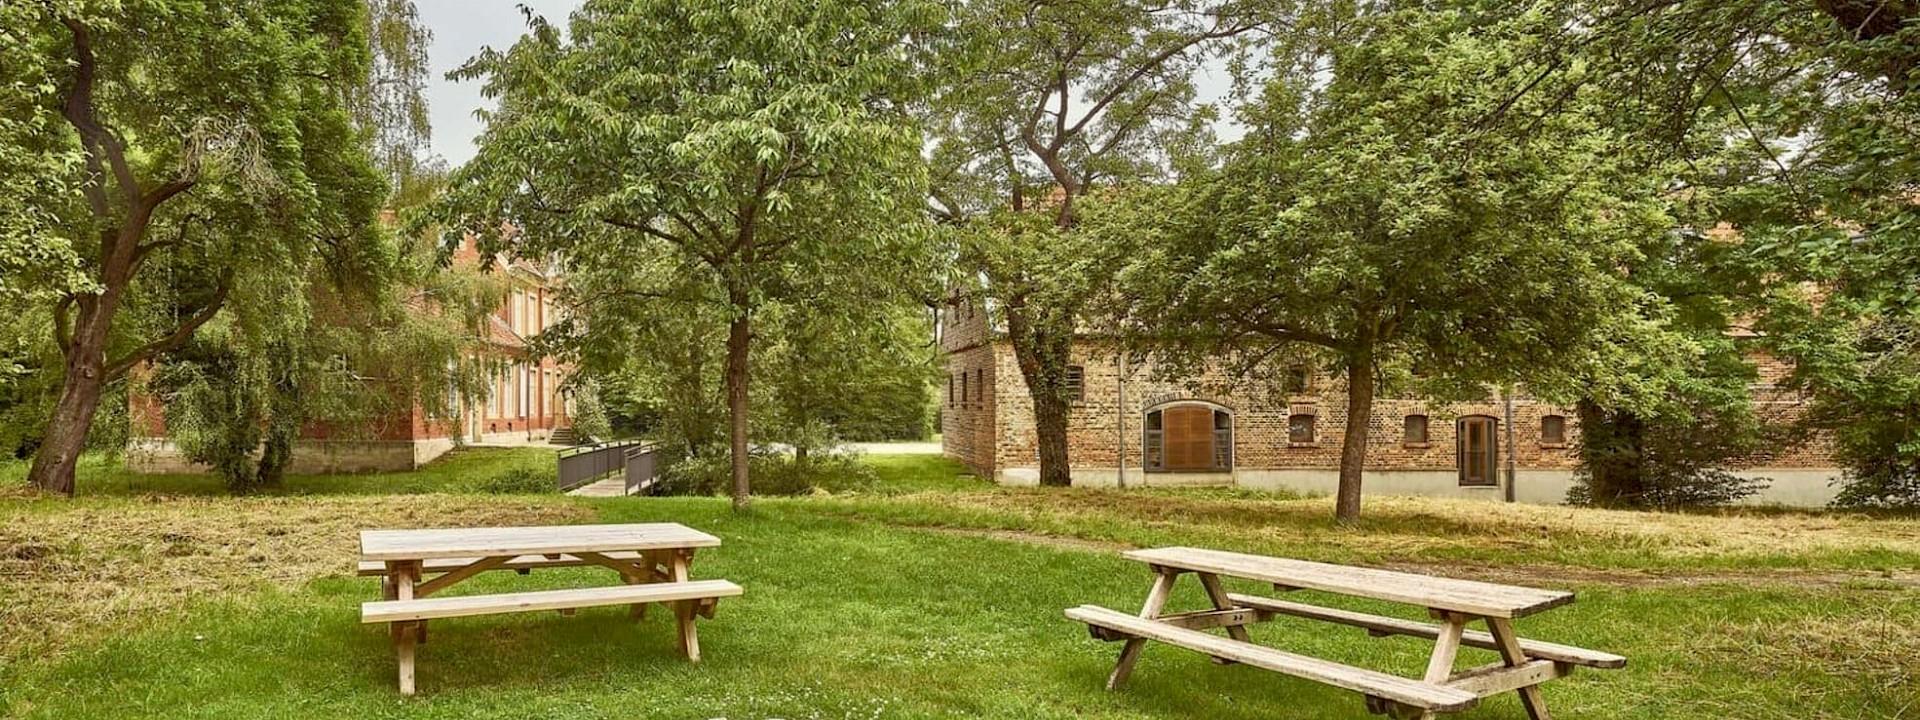 Ruhe und Kultur Picknick unter Obstbäumen